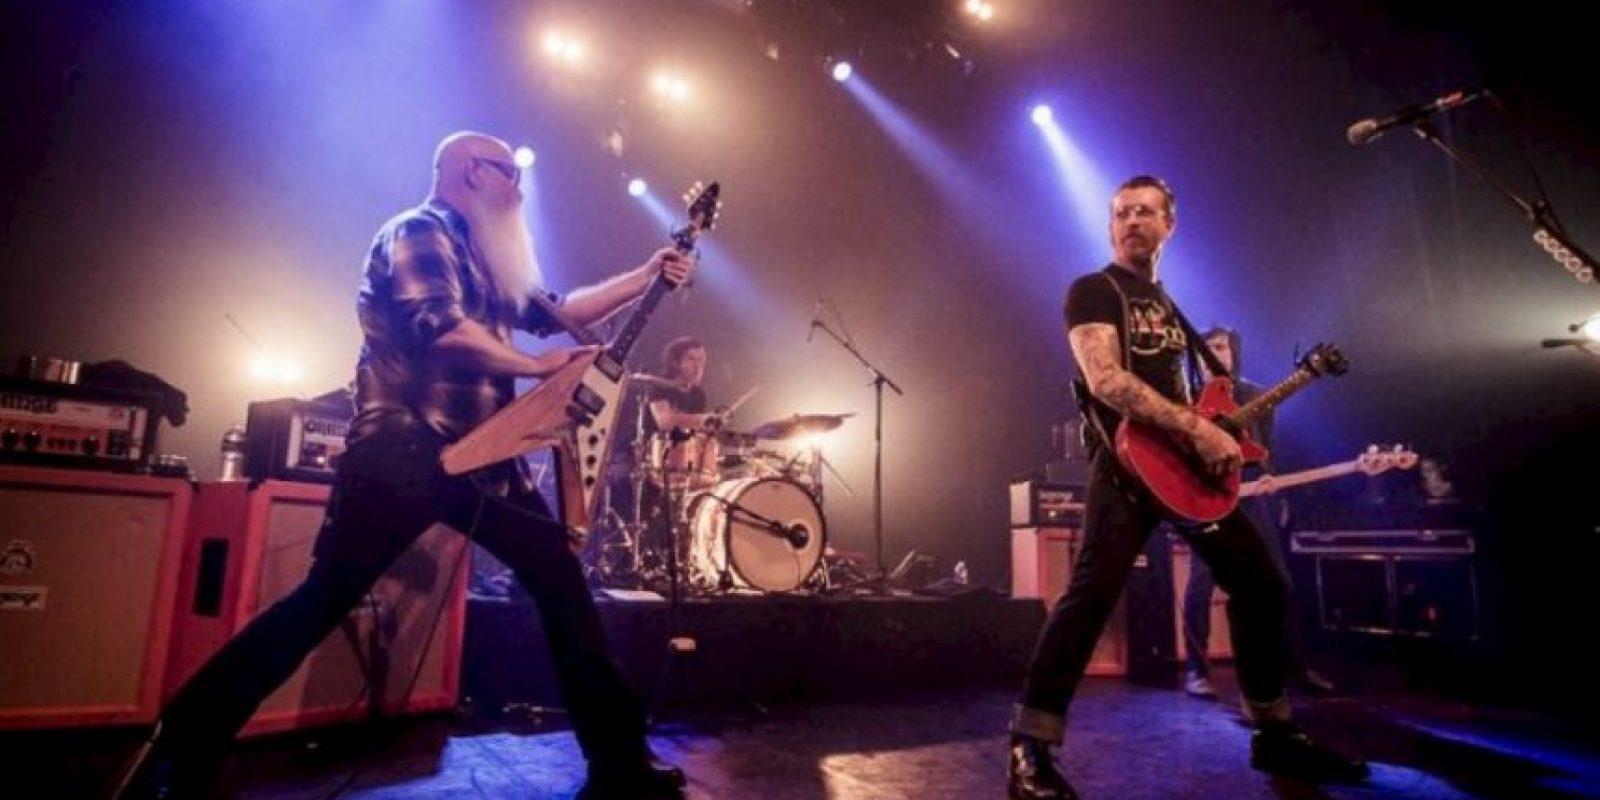 Antes de que todo fuera cruel, el concierto tenía un ambiente lleno de alegría. Foto:Vía Facebook.com/manuwino